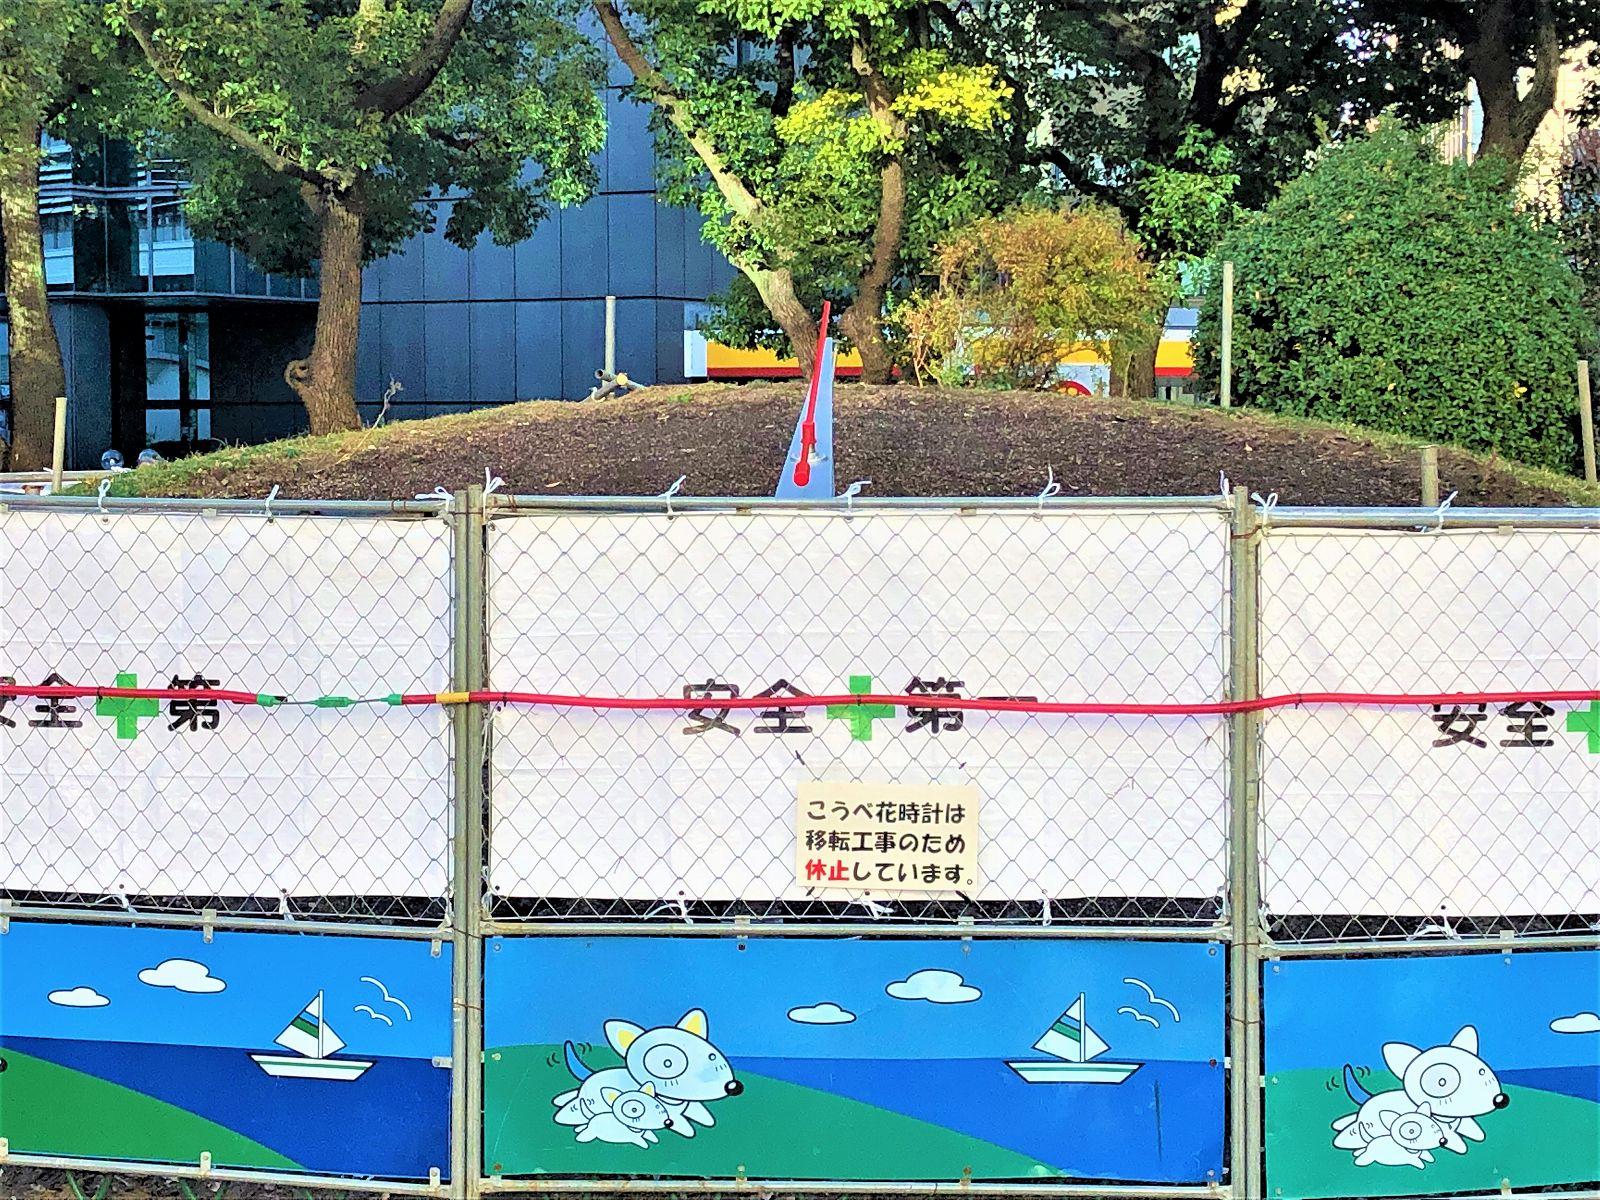 こうべ花時計、「東遊園地」へ移転工事が始まった模様  #こうべ花時計 #神戸観光 #神戸市 #花時計移転 #東遊園地